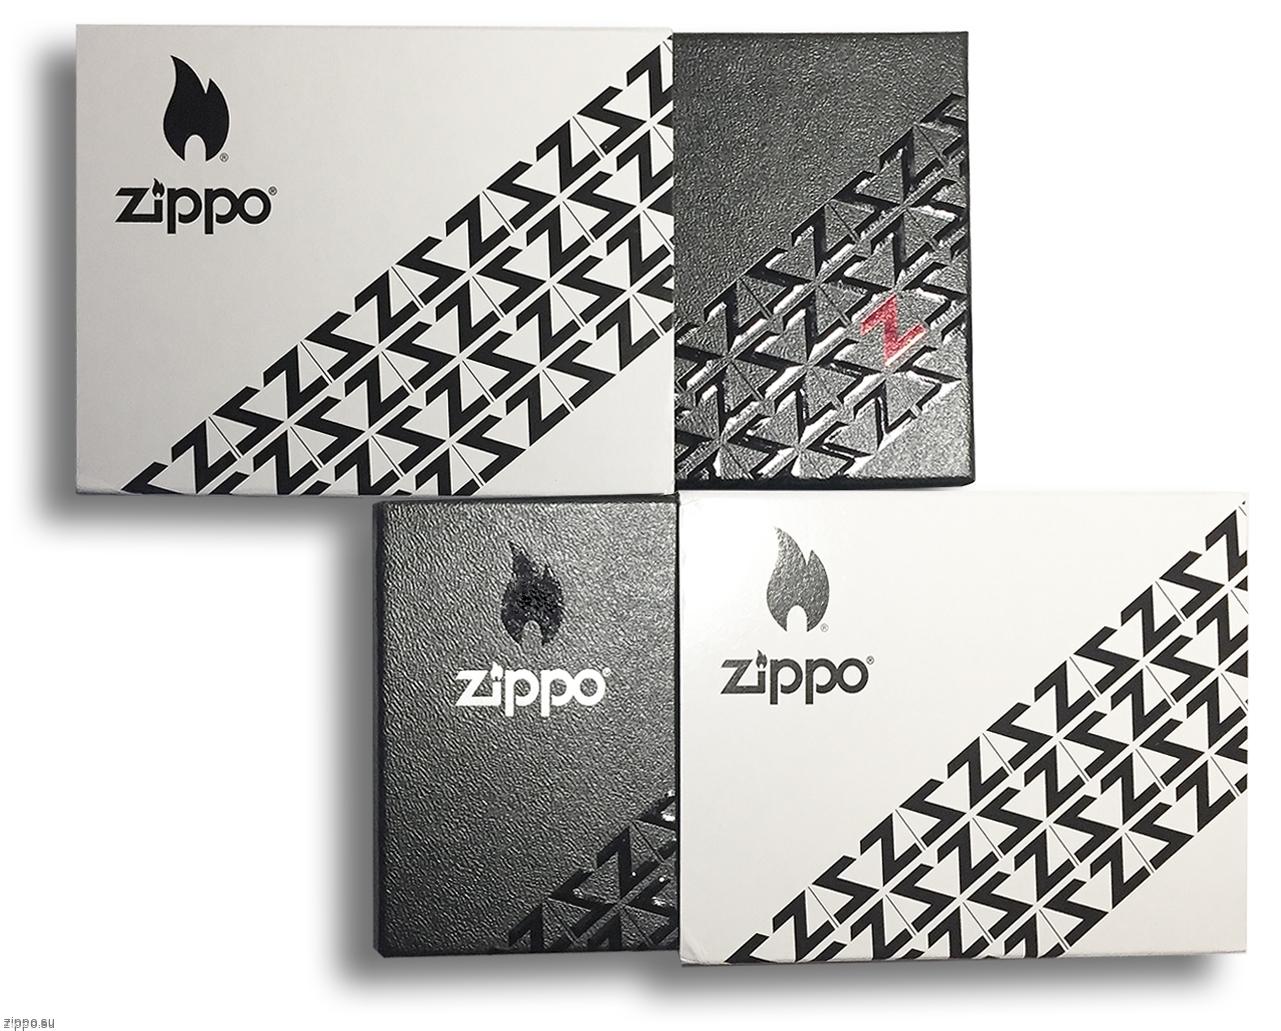 29672 Зажигалка Zippo Armor Bolts Design, Polish Chrome - коллекционная подарочная упаковка